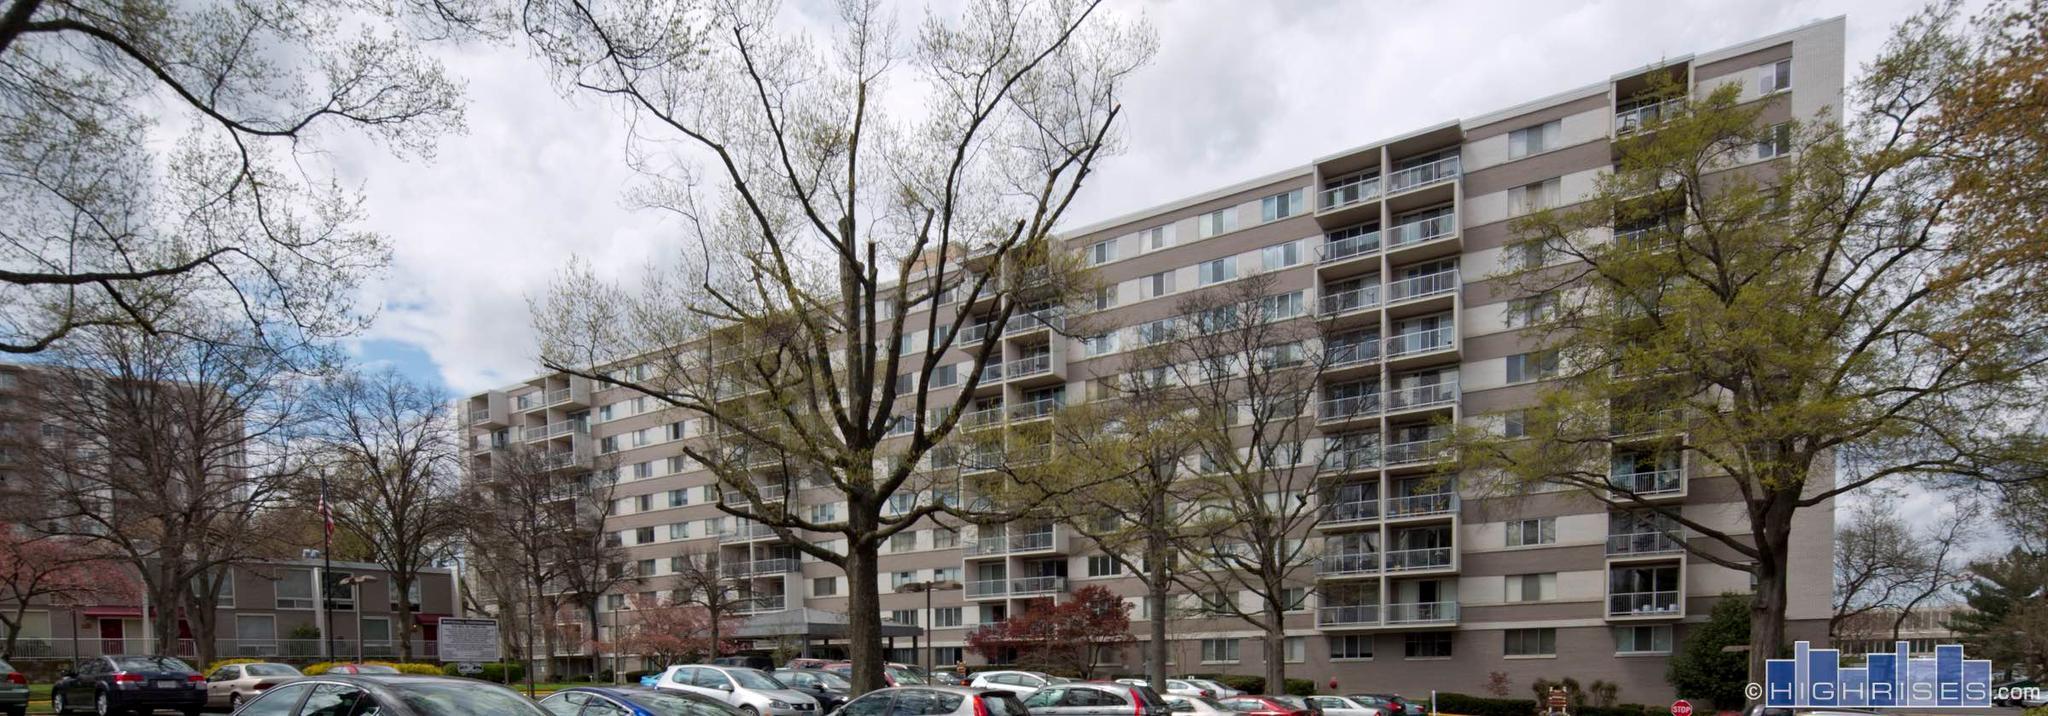 共管式独立产权公寓 为 出租 在 4977 Battery Ln #1-519 4977 Battery Ln #1-519 贝塞斯达, 马里兰州 20814 美国